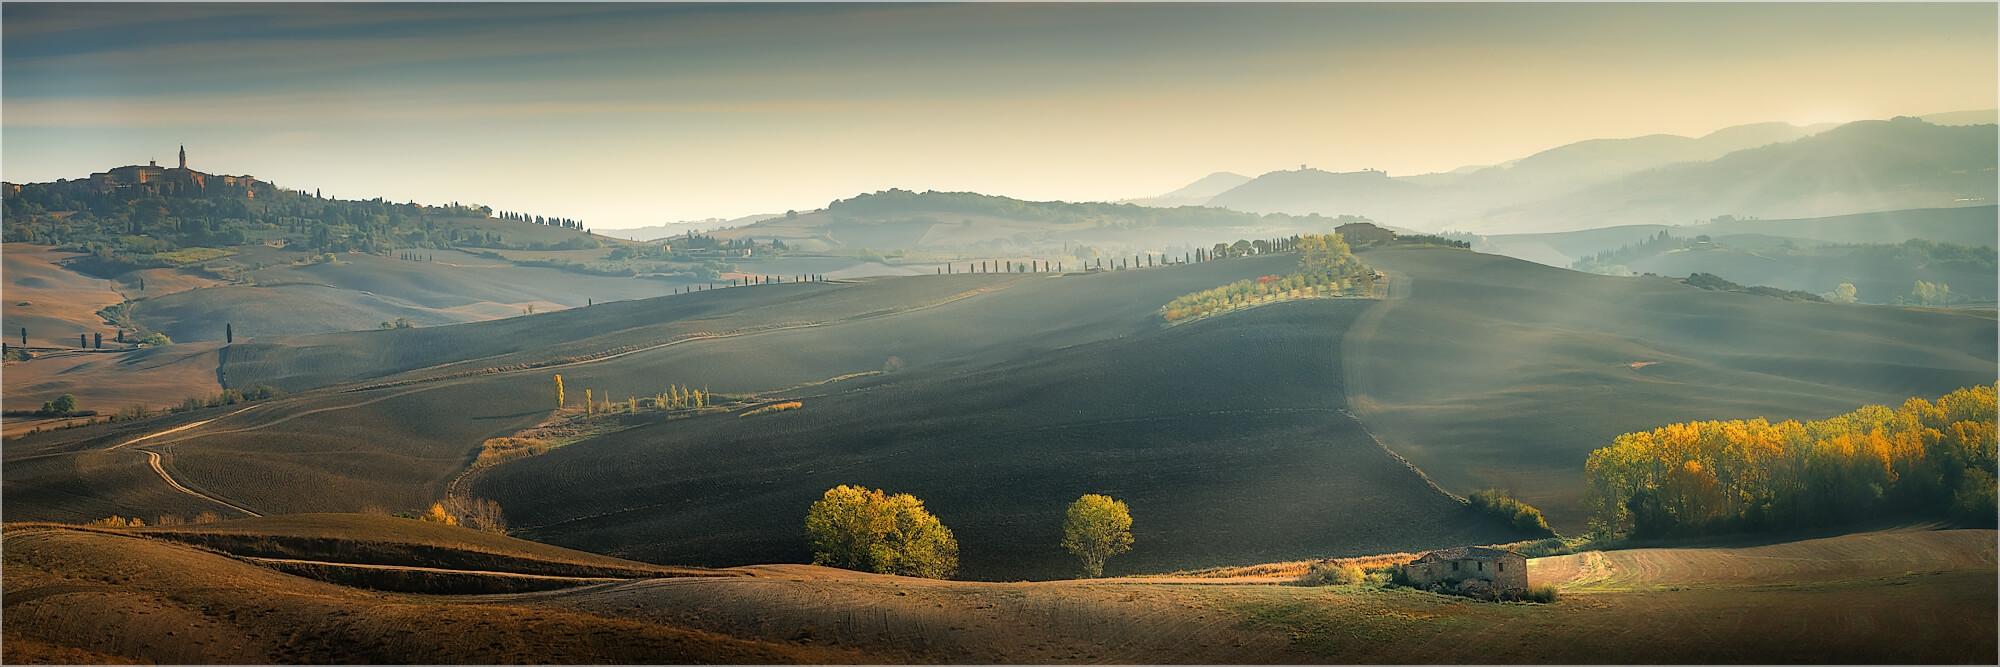 Panoramabild in der herbstlichen Toskana Italien